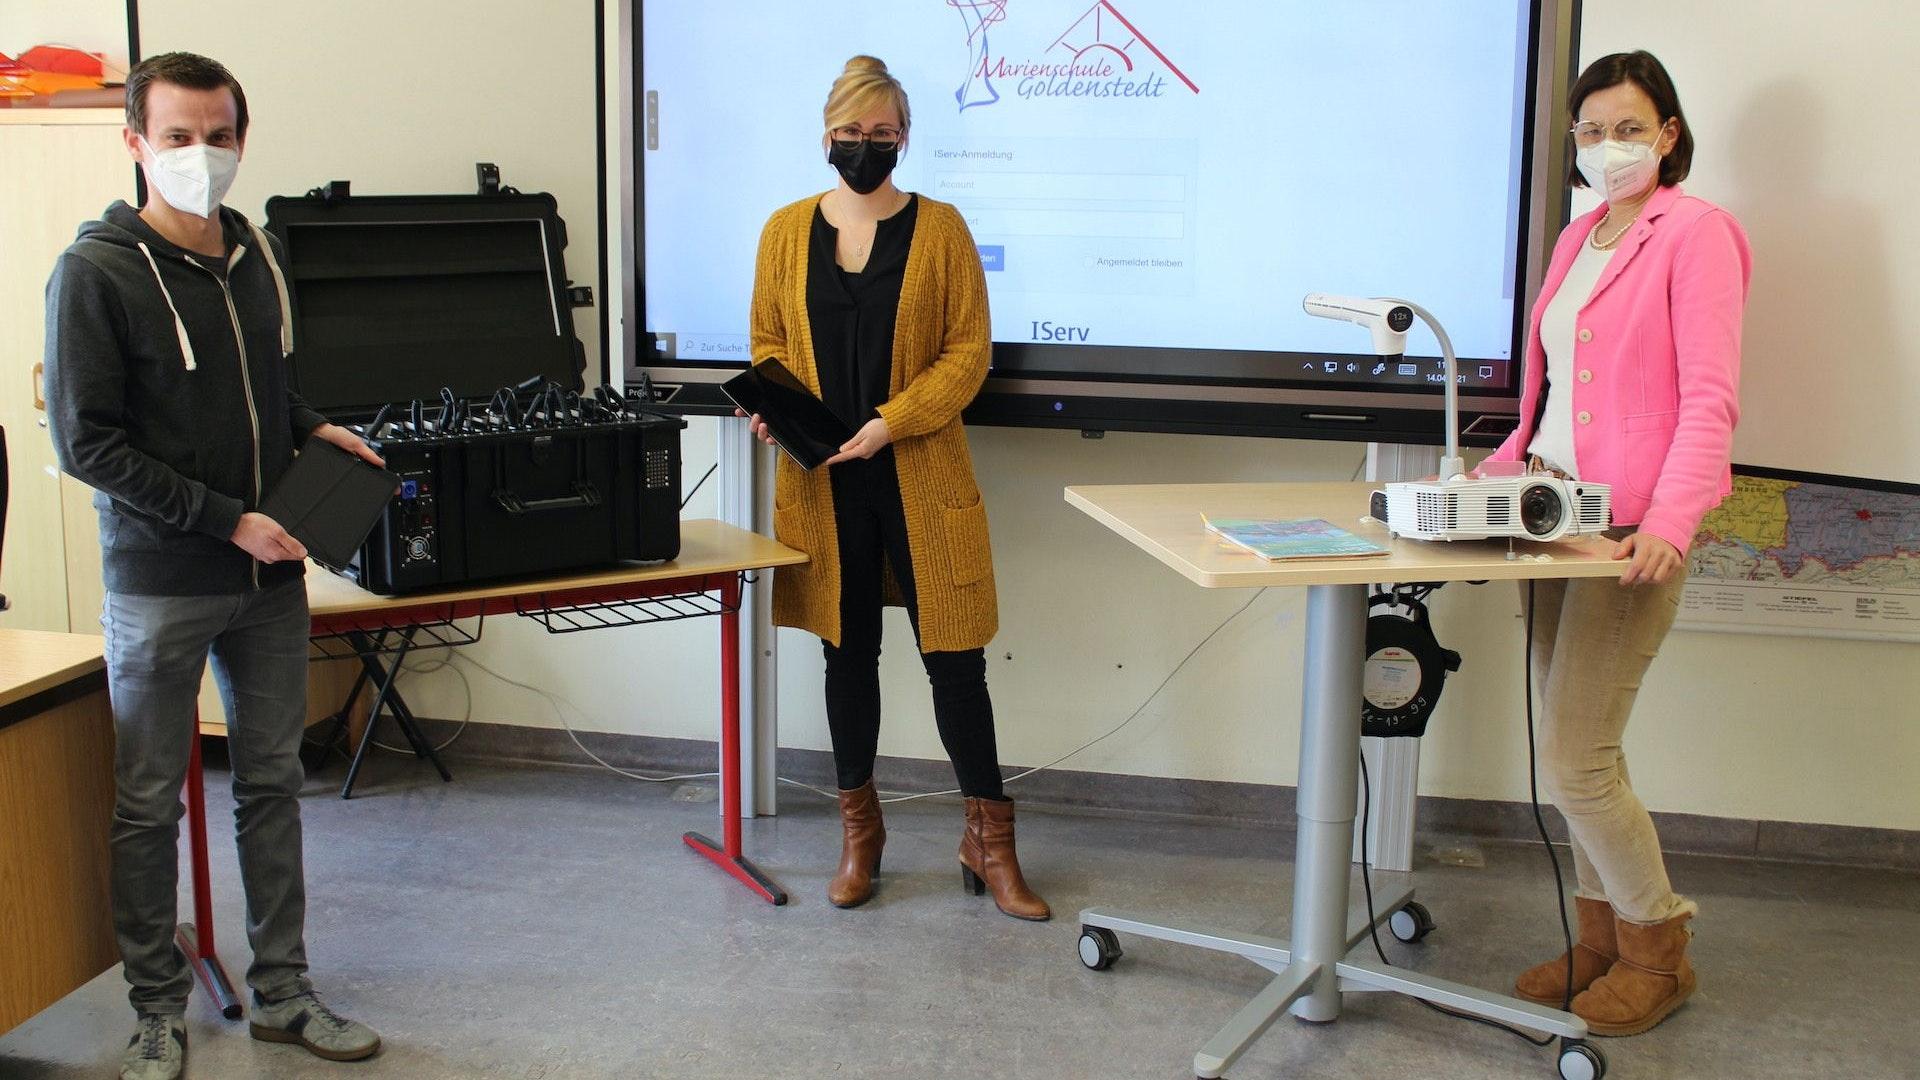 Digital ist Trumpf (v.l.): Steffen Boning (Gemeinde Goldenstedt), Tessa Wellen und Anke Magerfleisch (Marienschule ) in einem digital ausgestatteten Klassenraum. Foto: Heinzel